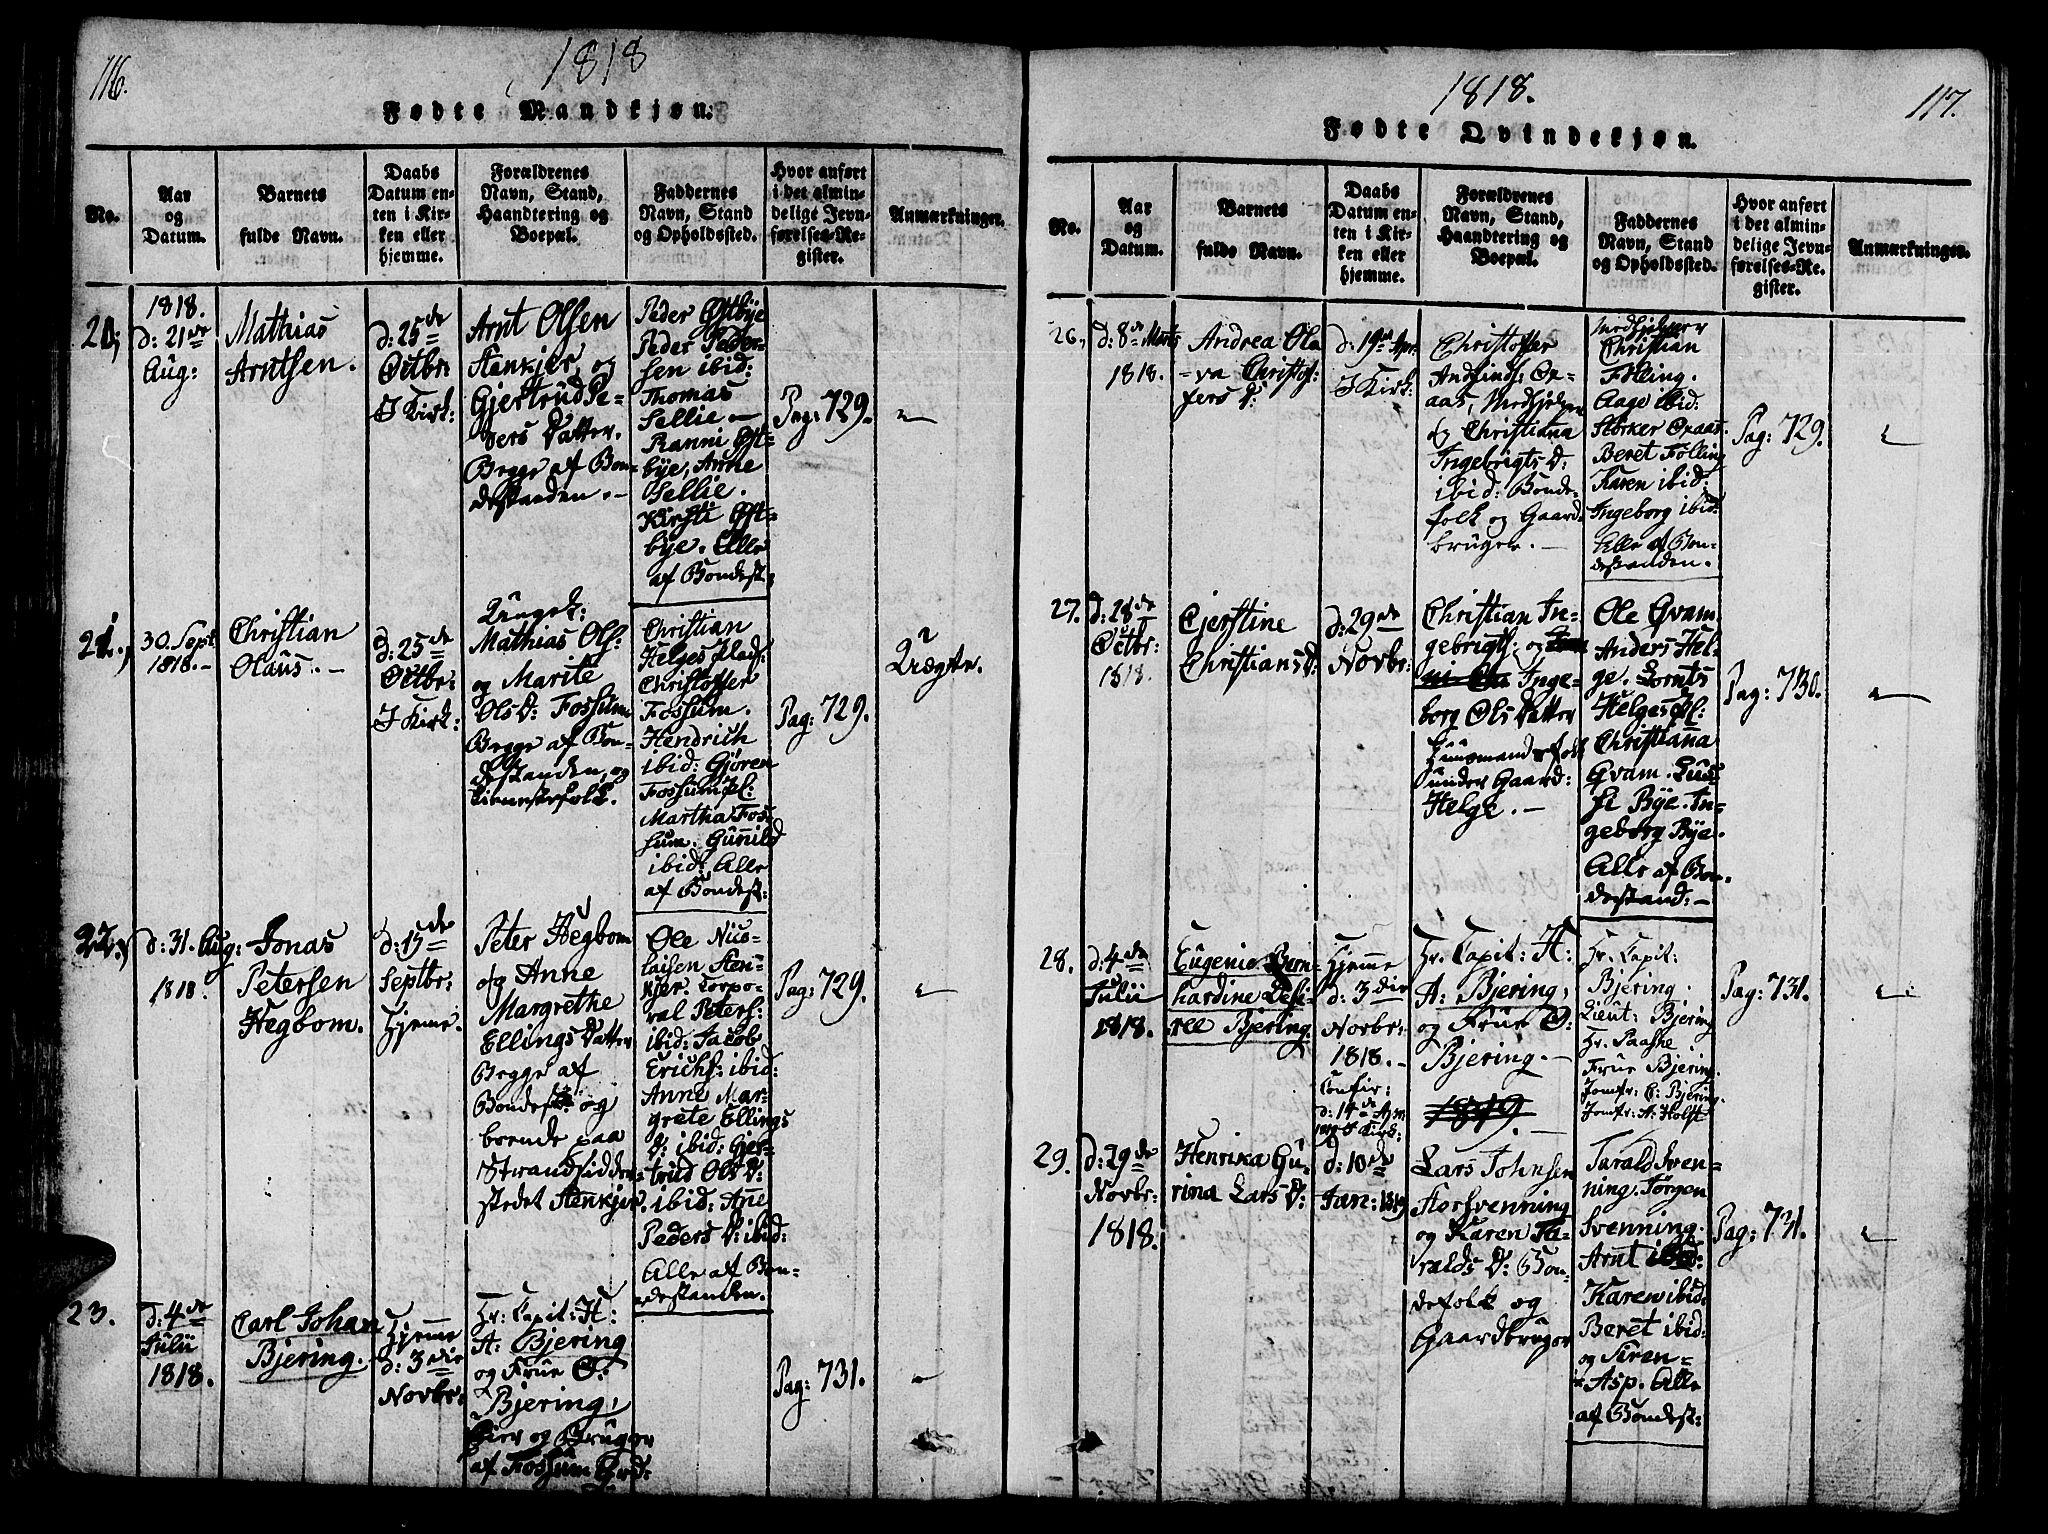 SAT, Ministerialprotokoller, klokkerbøker og fødselsregistre - Nord-Trøndelag, 746/L0441: Ministerialbok nr. 736A03 /3, 1816-1827, s. 116-117